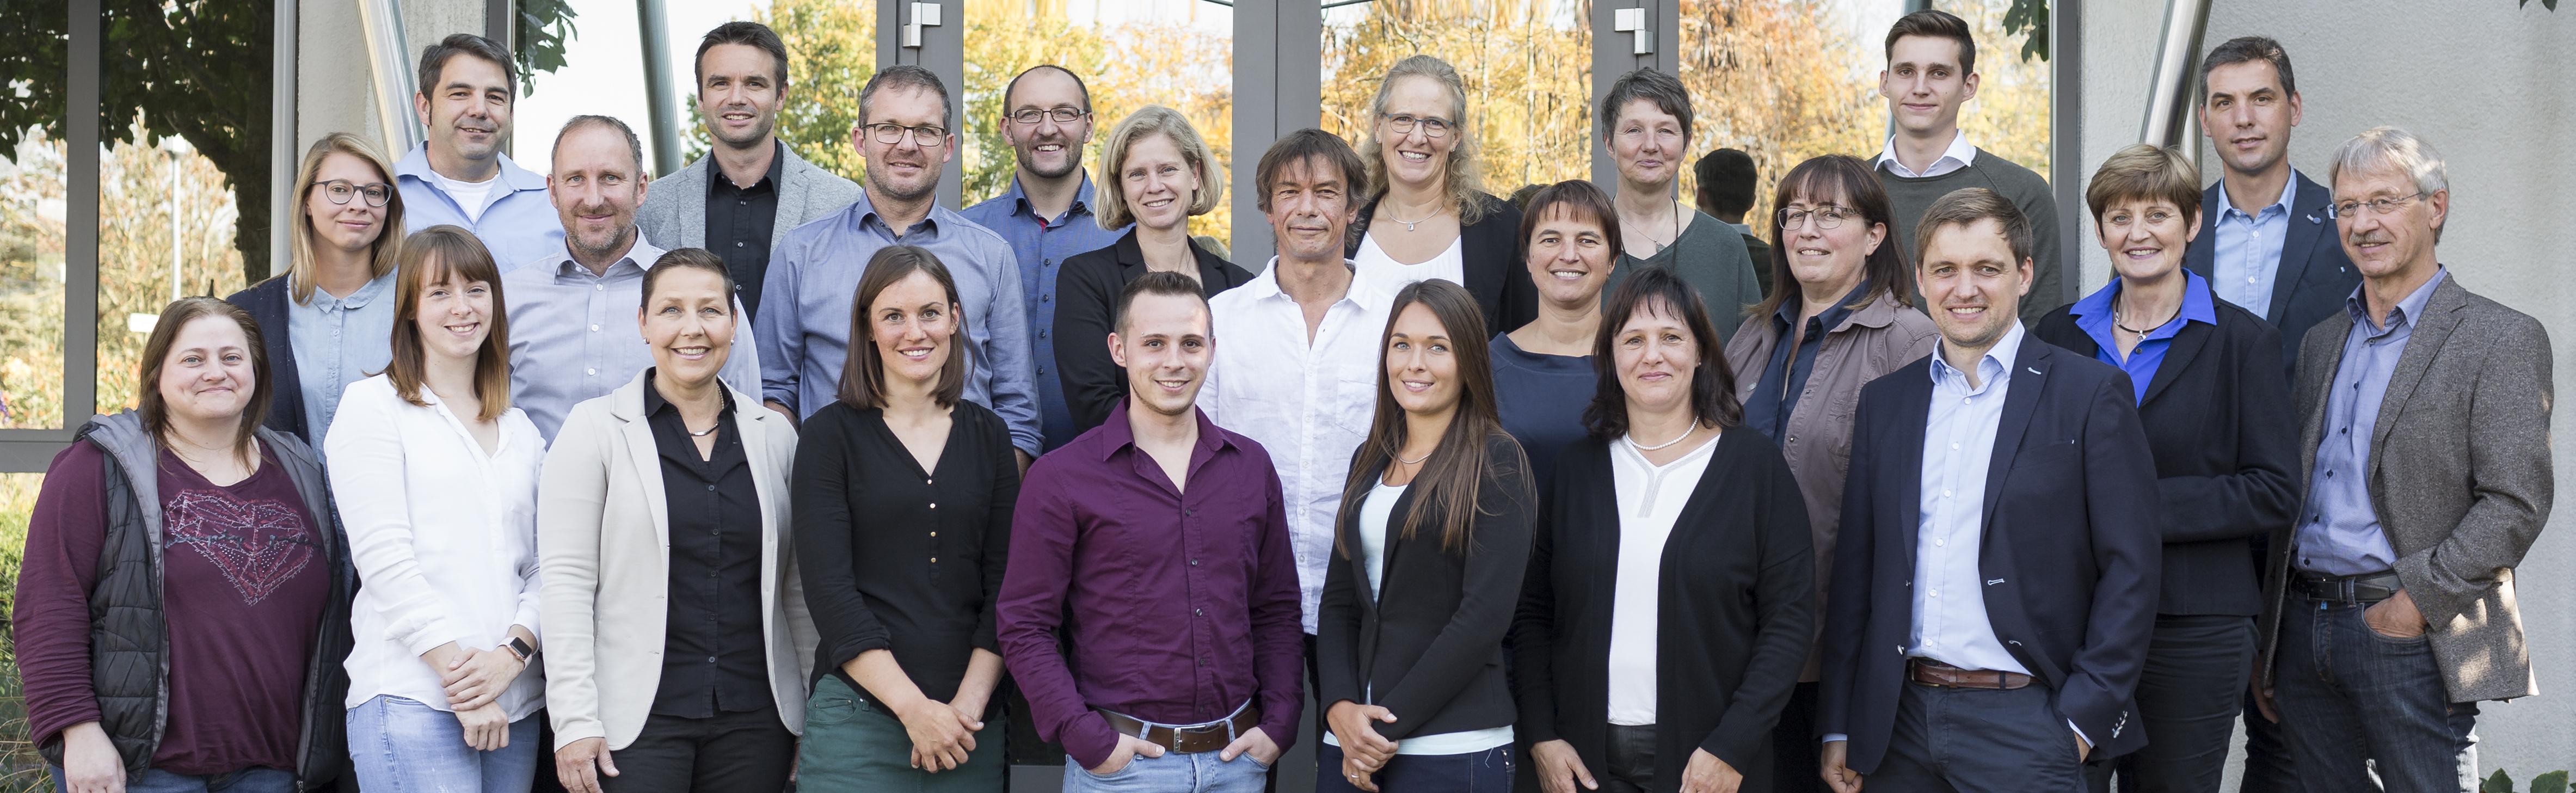 Das Team von SCHUSTER engineering in Neuburg an der Kammel setzt  Architektur- und Ingenieur-Projekte in der Region sowie in ganz Europa um.